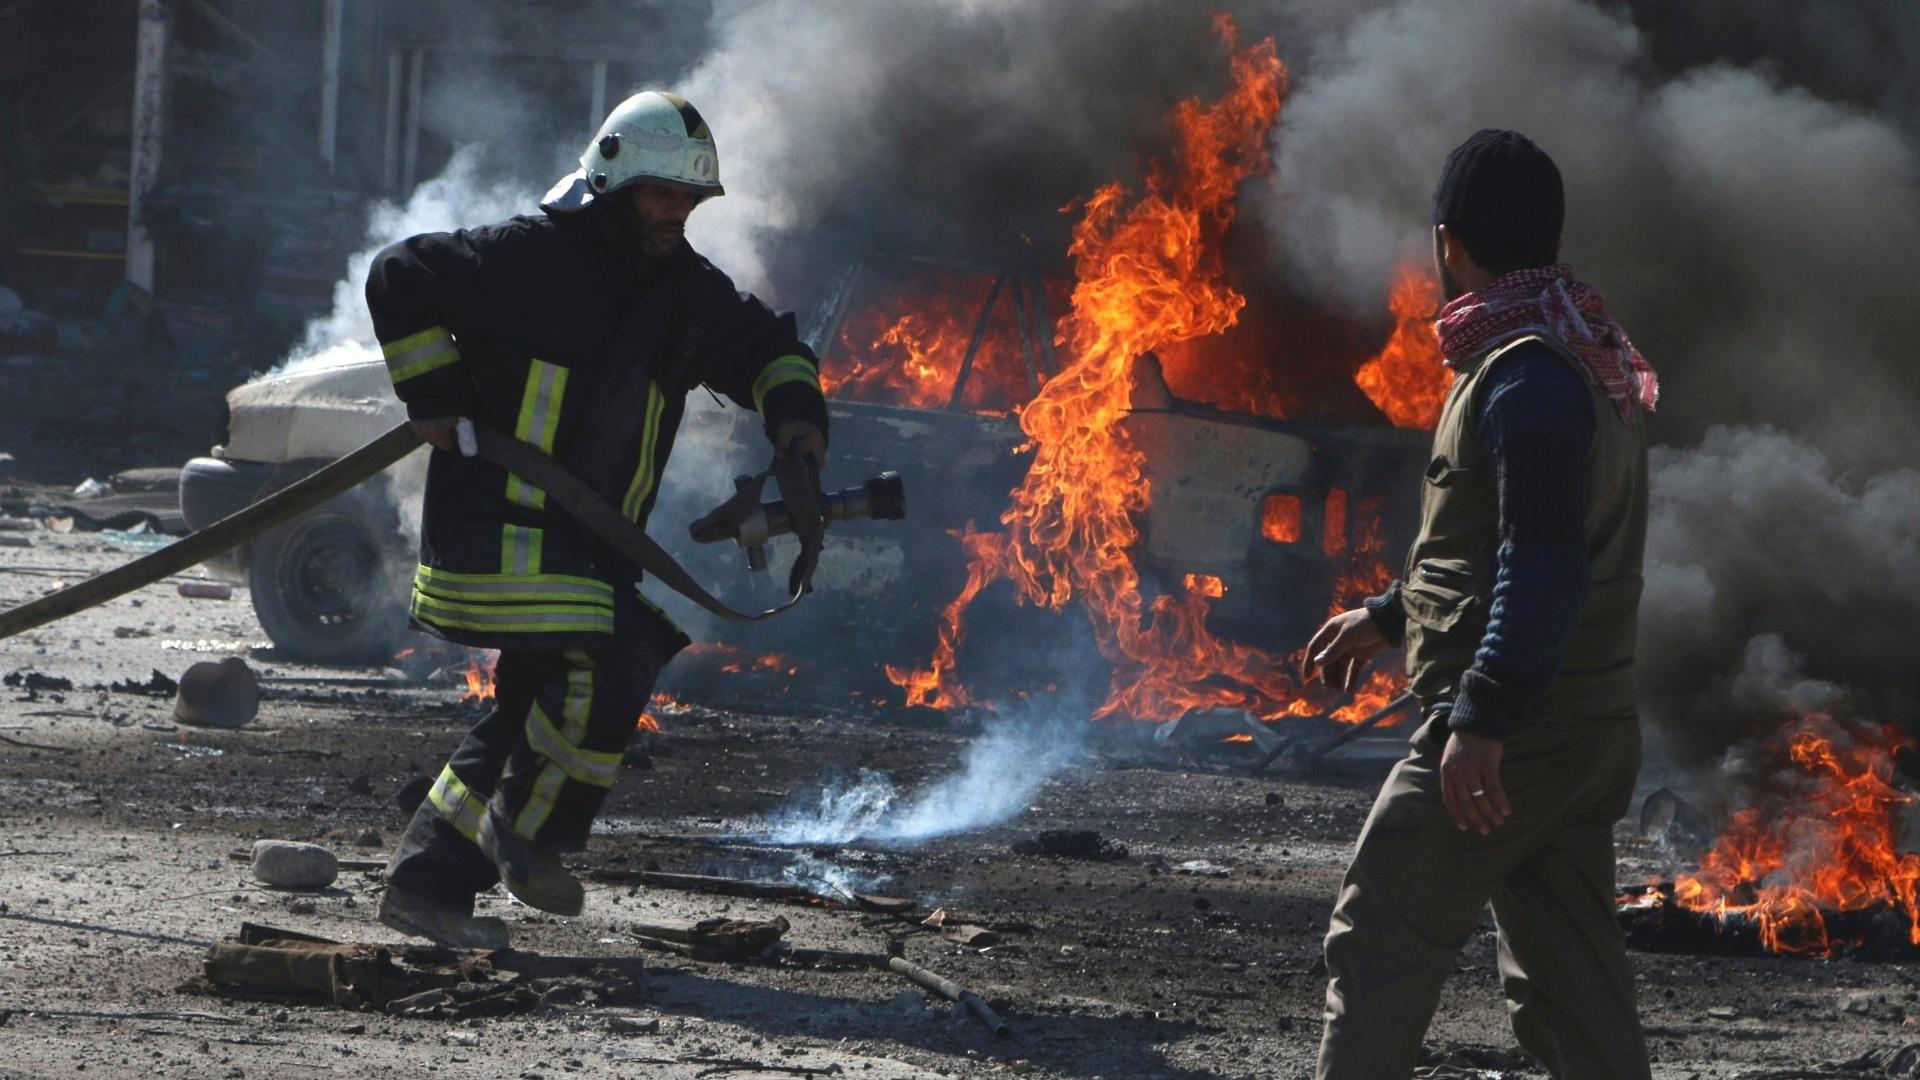 5.mar.2015 - Bombeiros tentam apagar as chamas de um carro atingido por uma bomba em ataque feito por forças leais ao presidente sírio, Bashar al-Assad, no bairro de Qadi Askar, em Aleppo, na Síria, nesta quinta-feira (5)